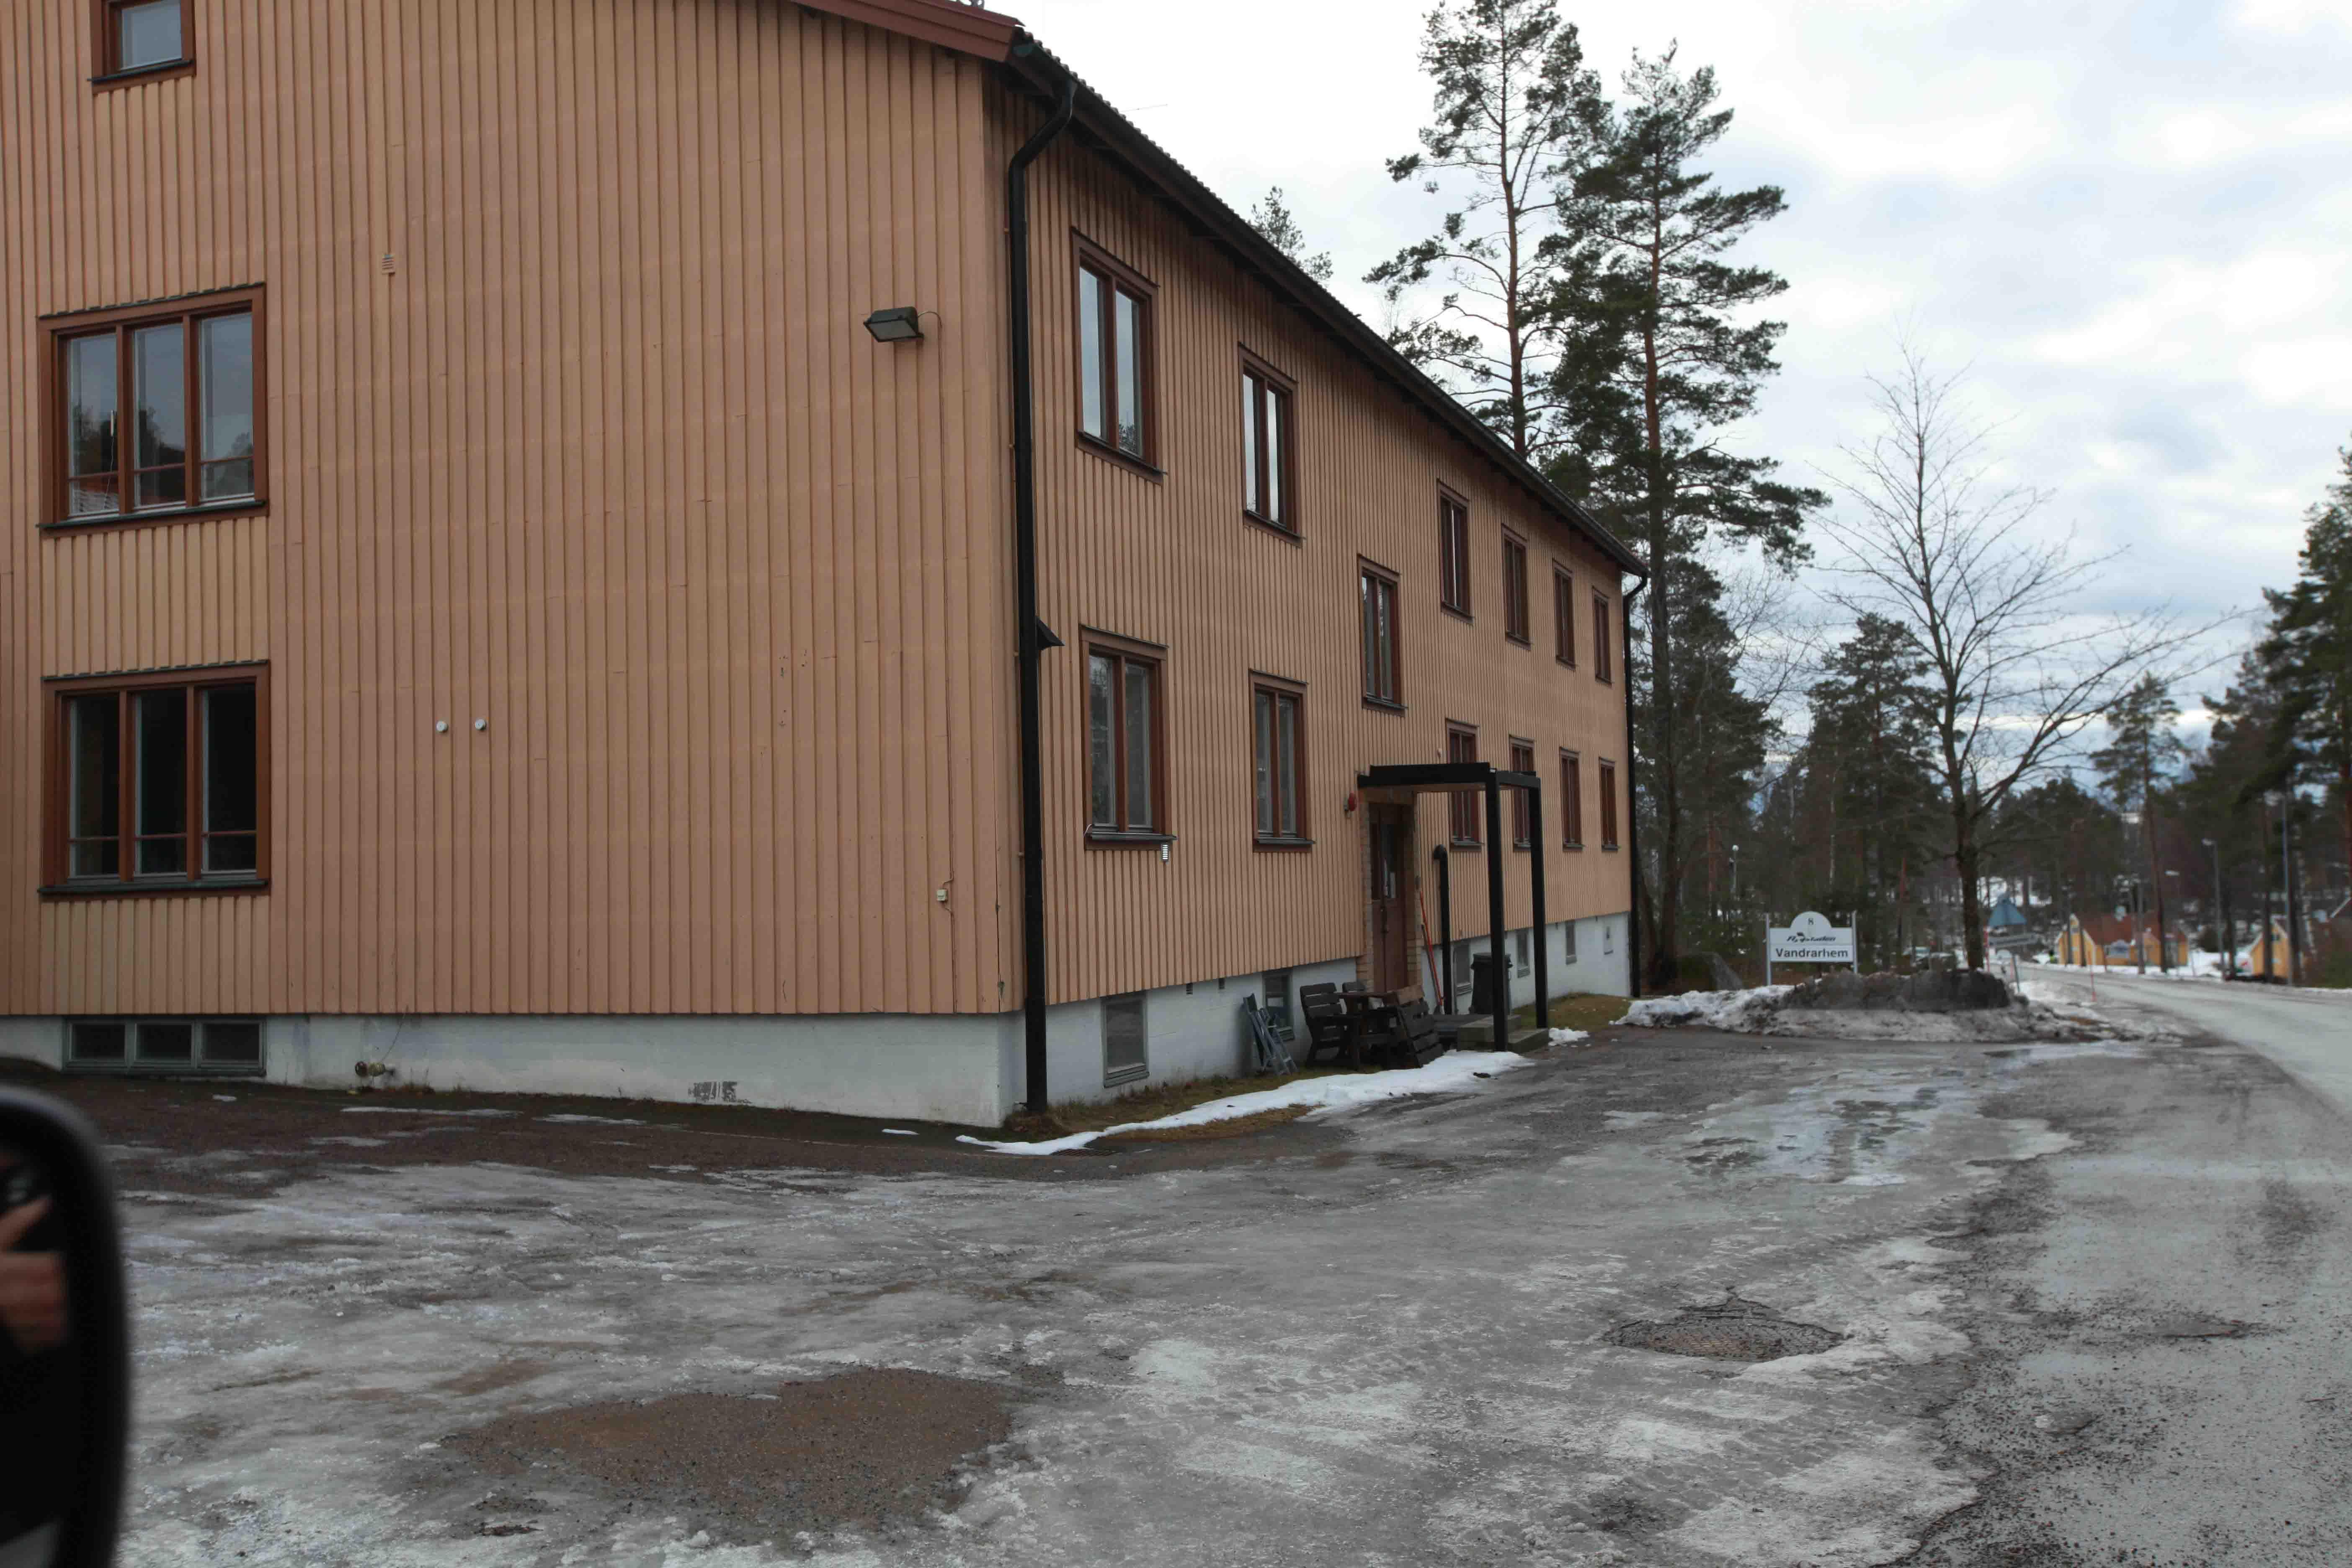 Hostel Funemässen